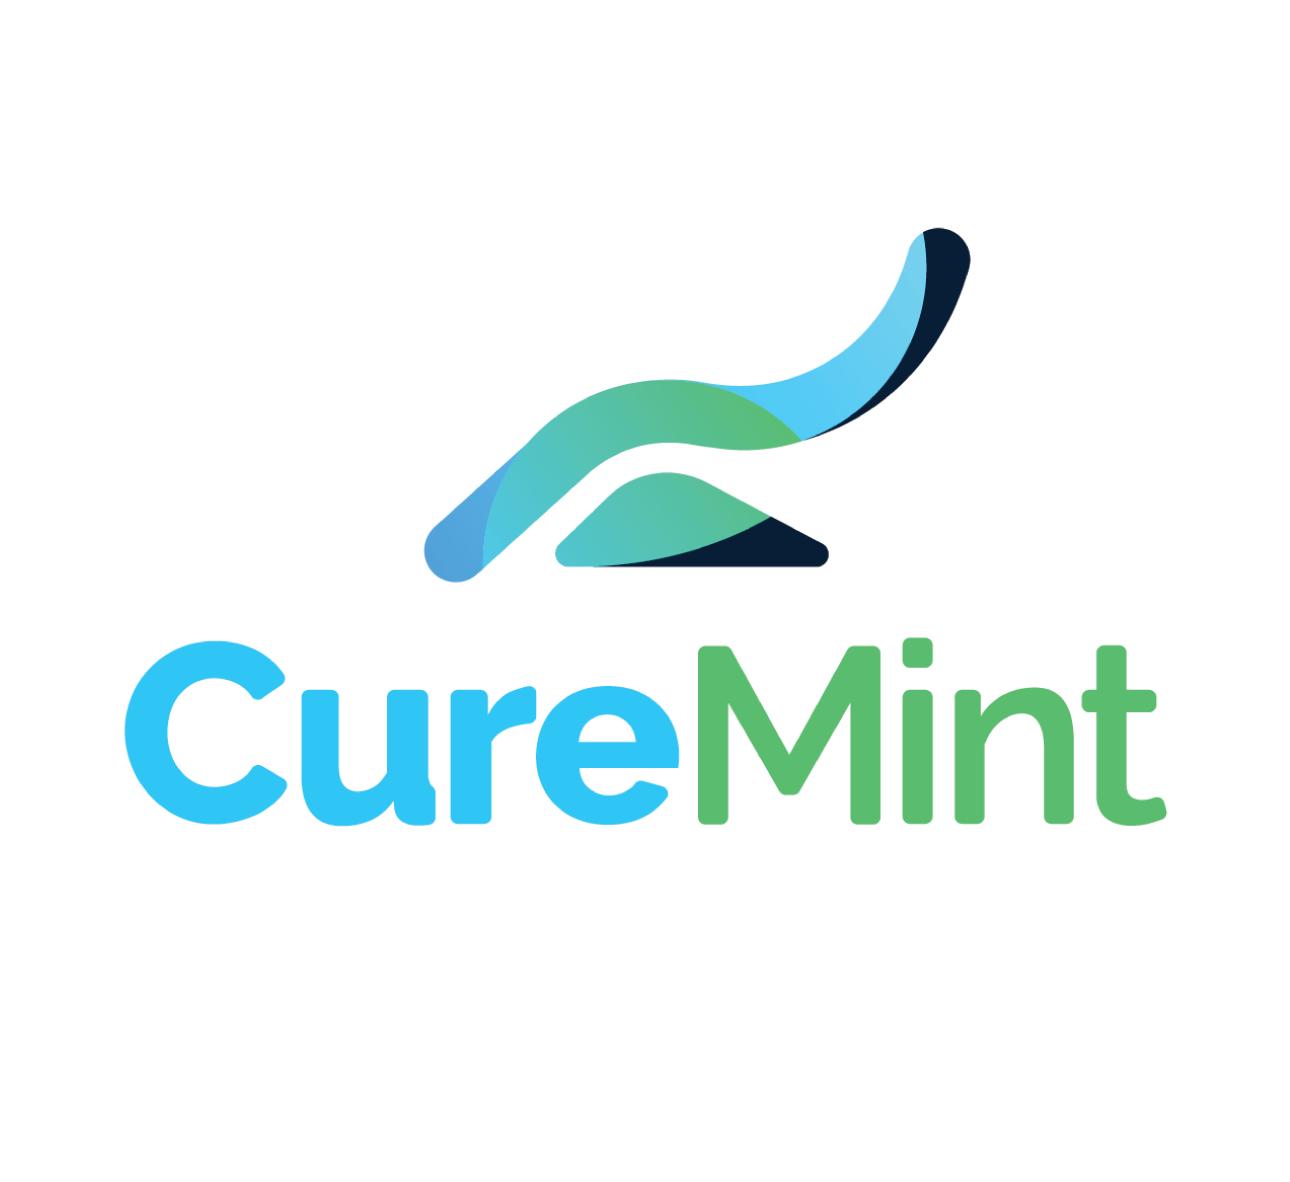 CureMint